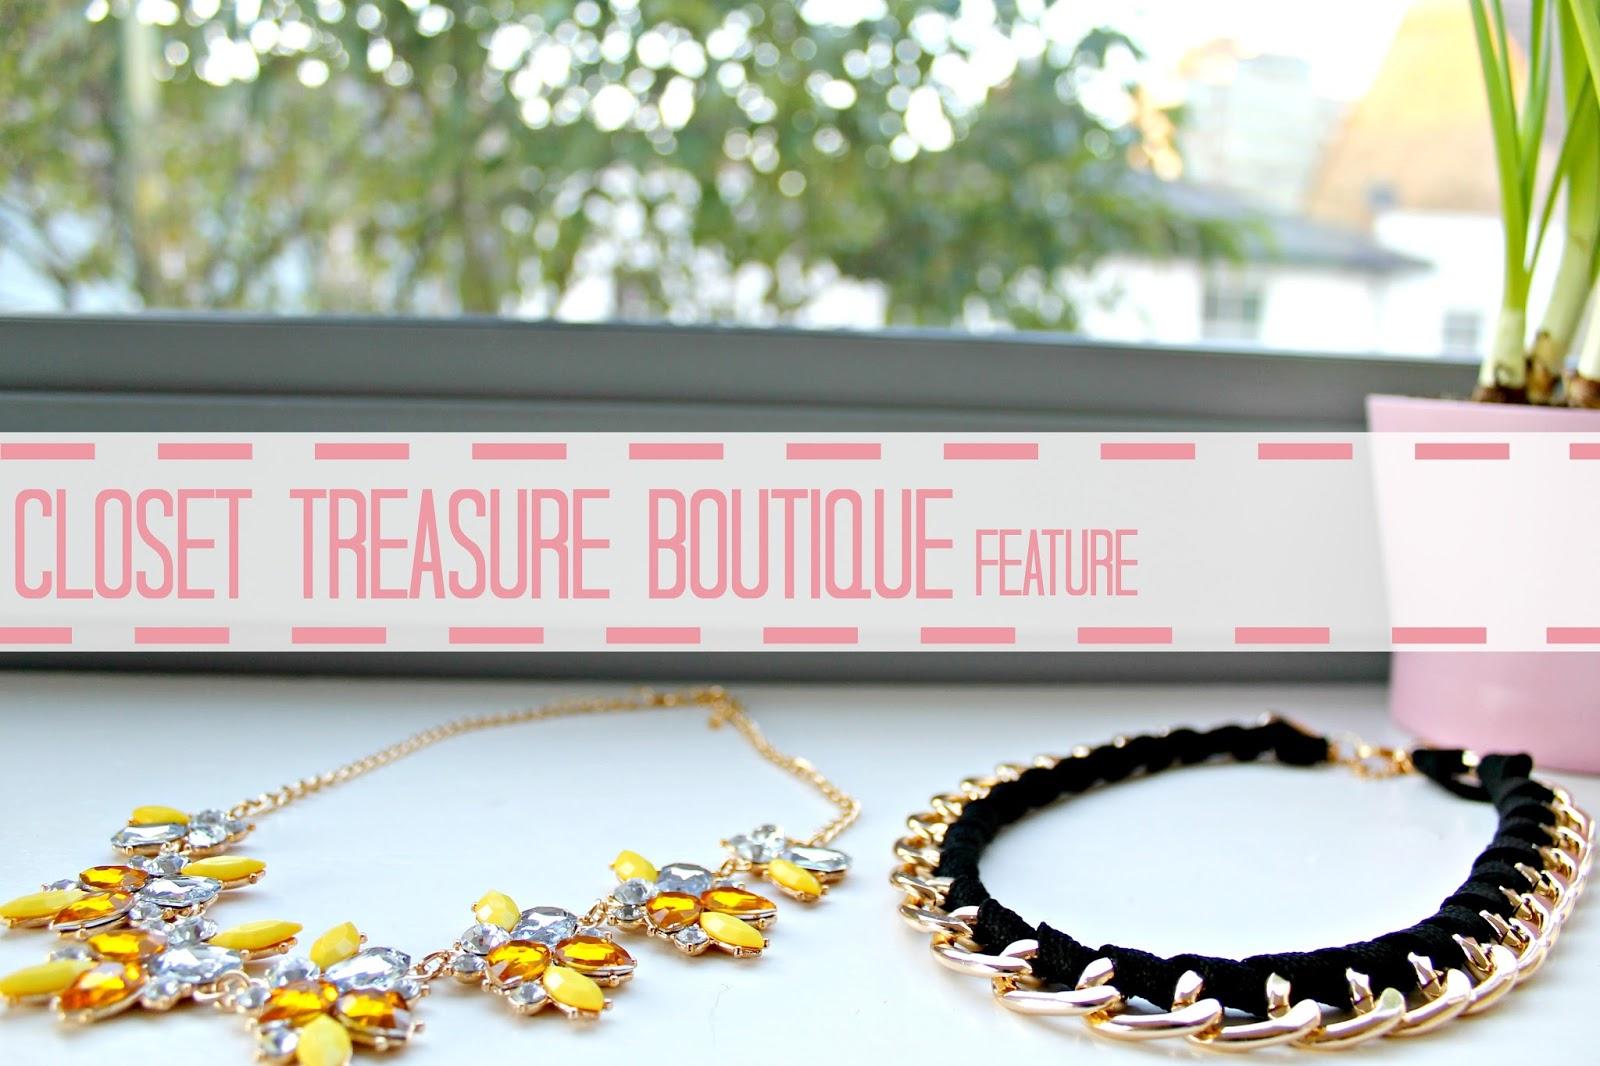 A feature about closet treasure boutique